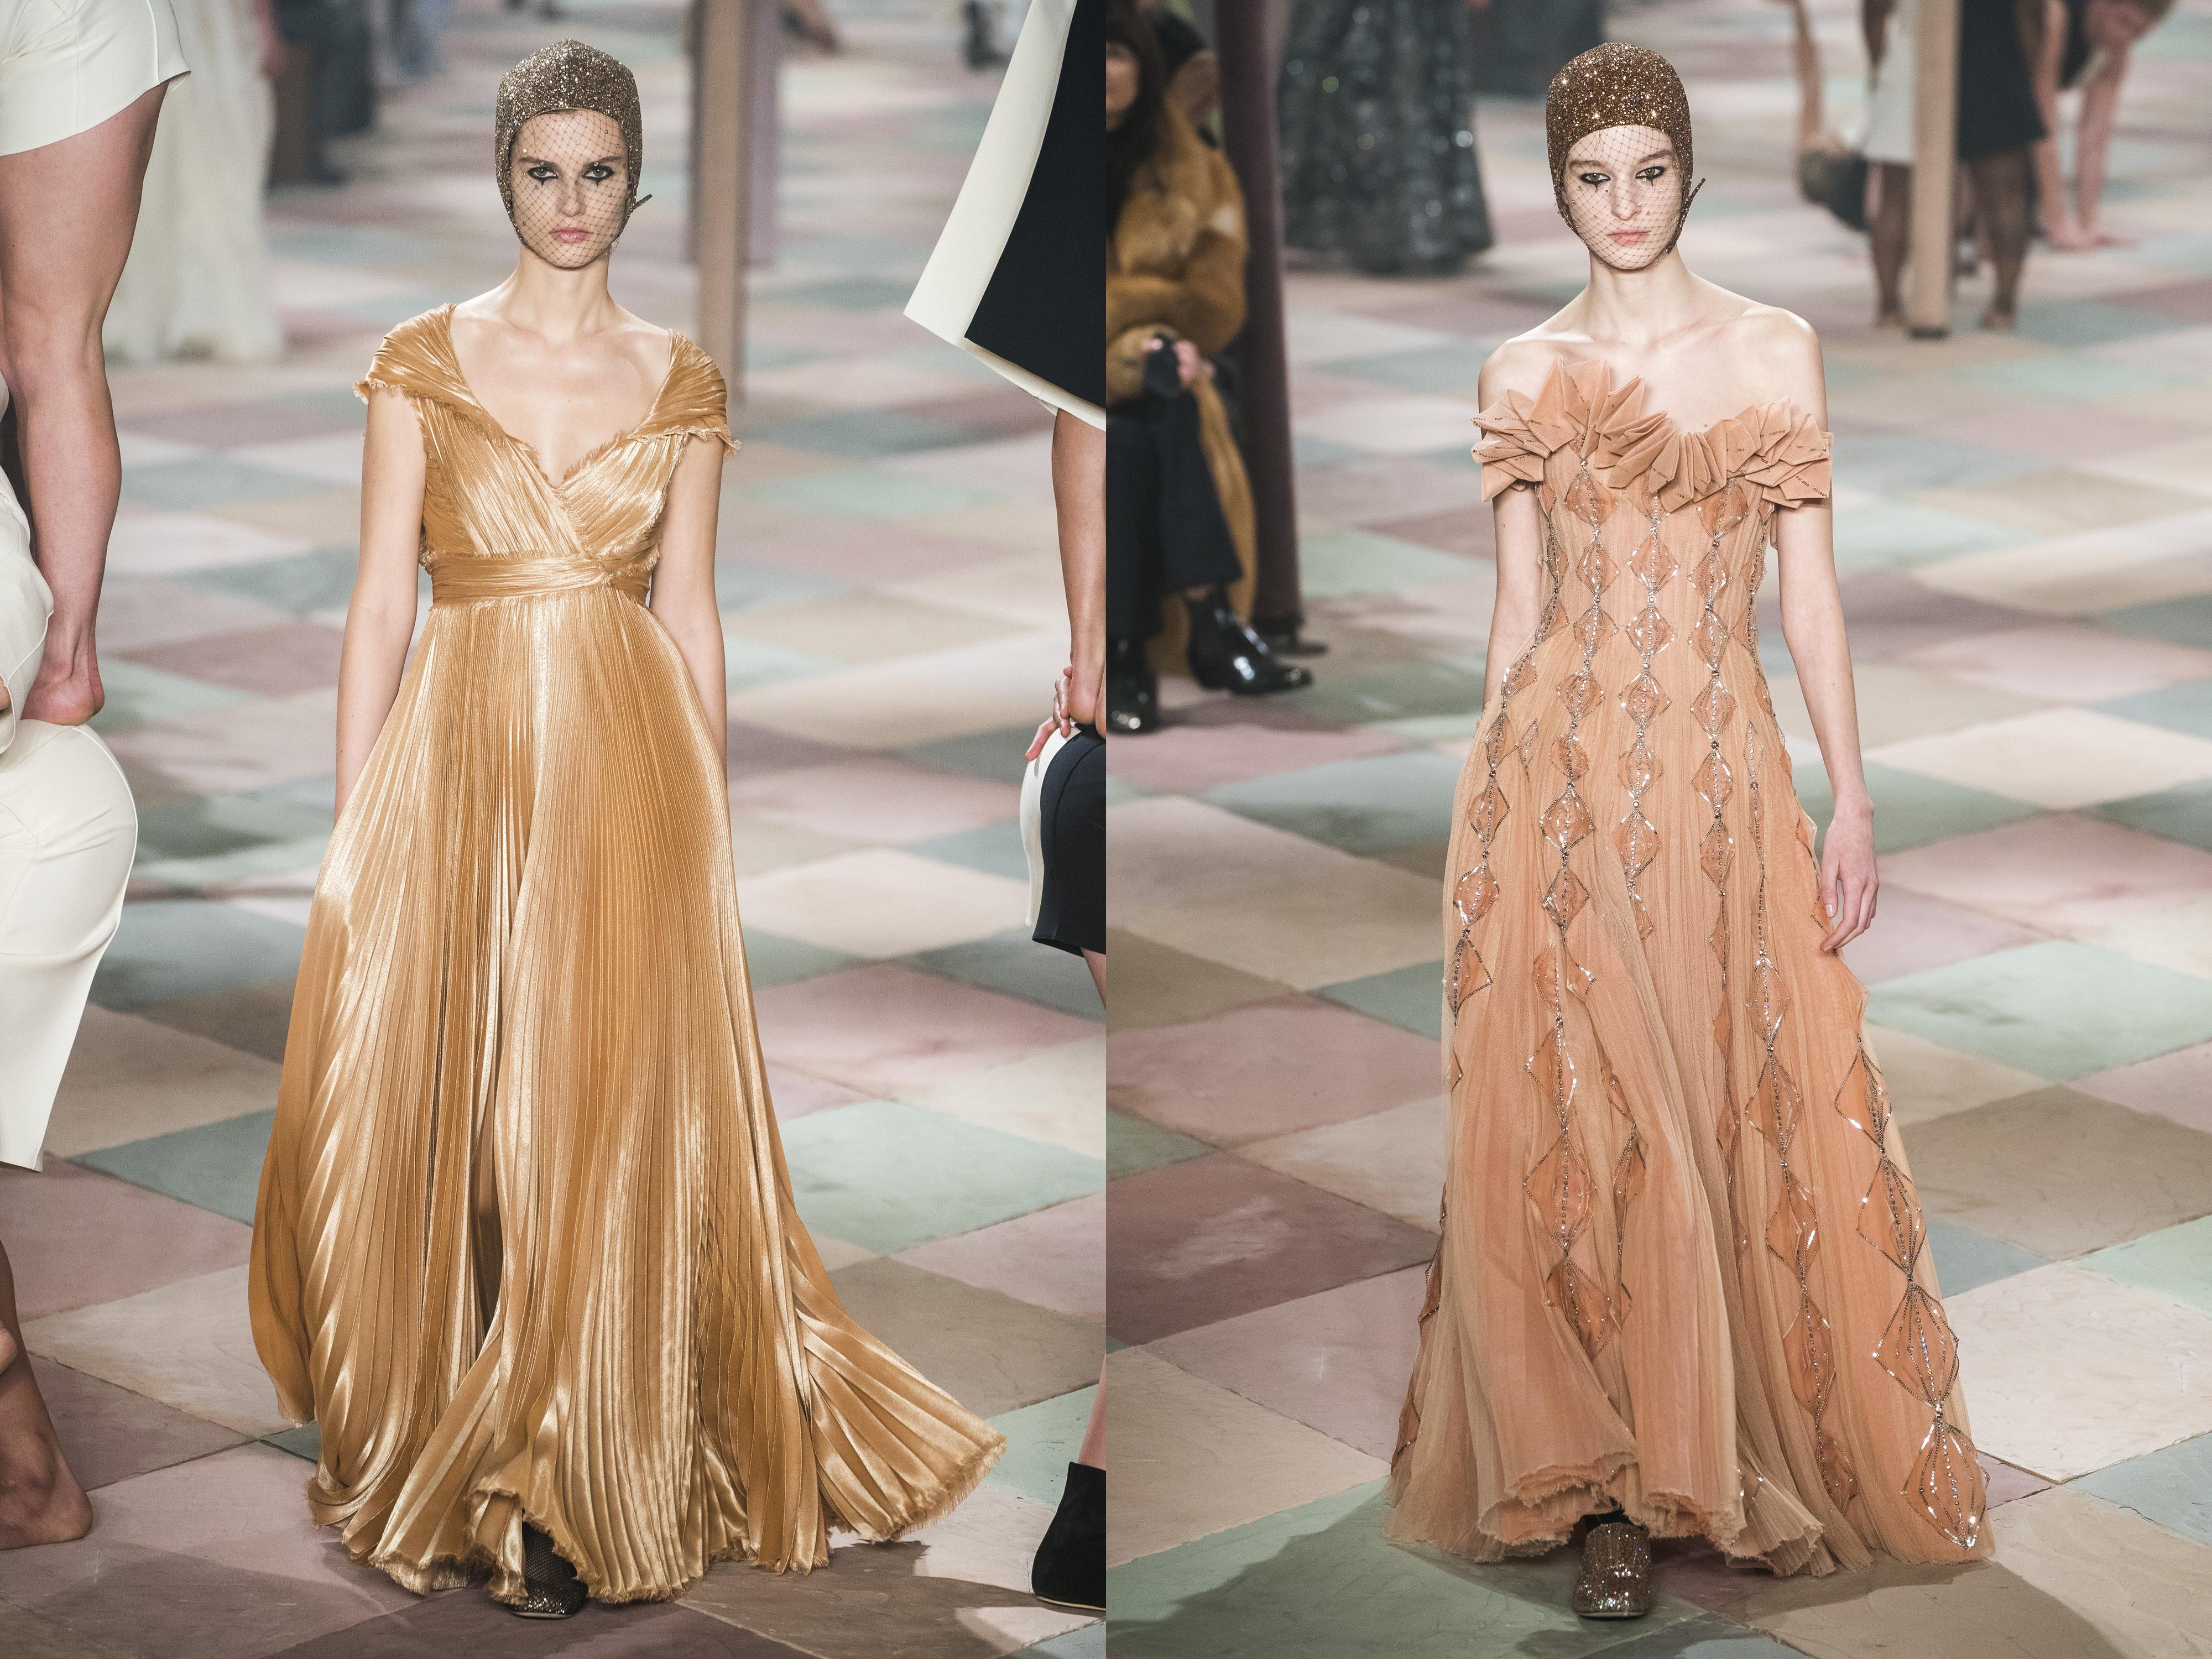 c6914d3e6ac7c Nuances rosados são encantadores e exaltam a feminilidade, e os modelos da  Dior são perfeitos.